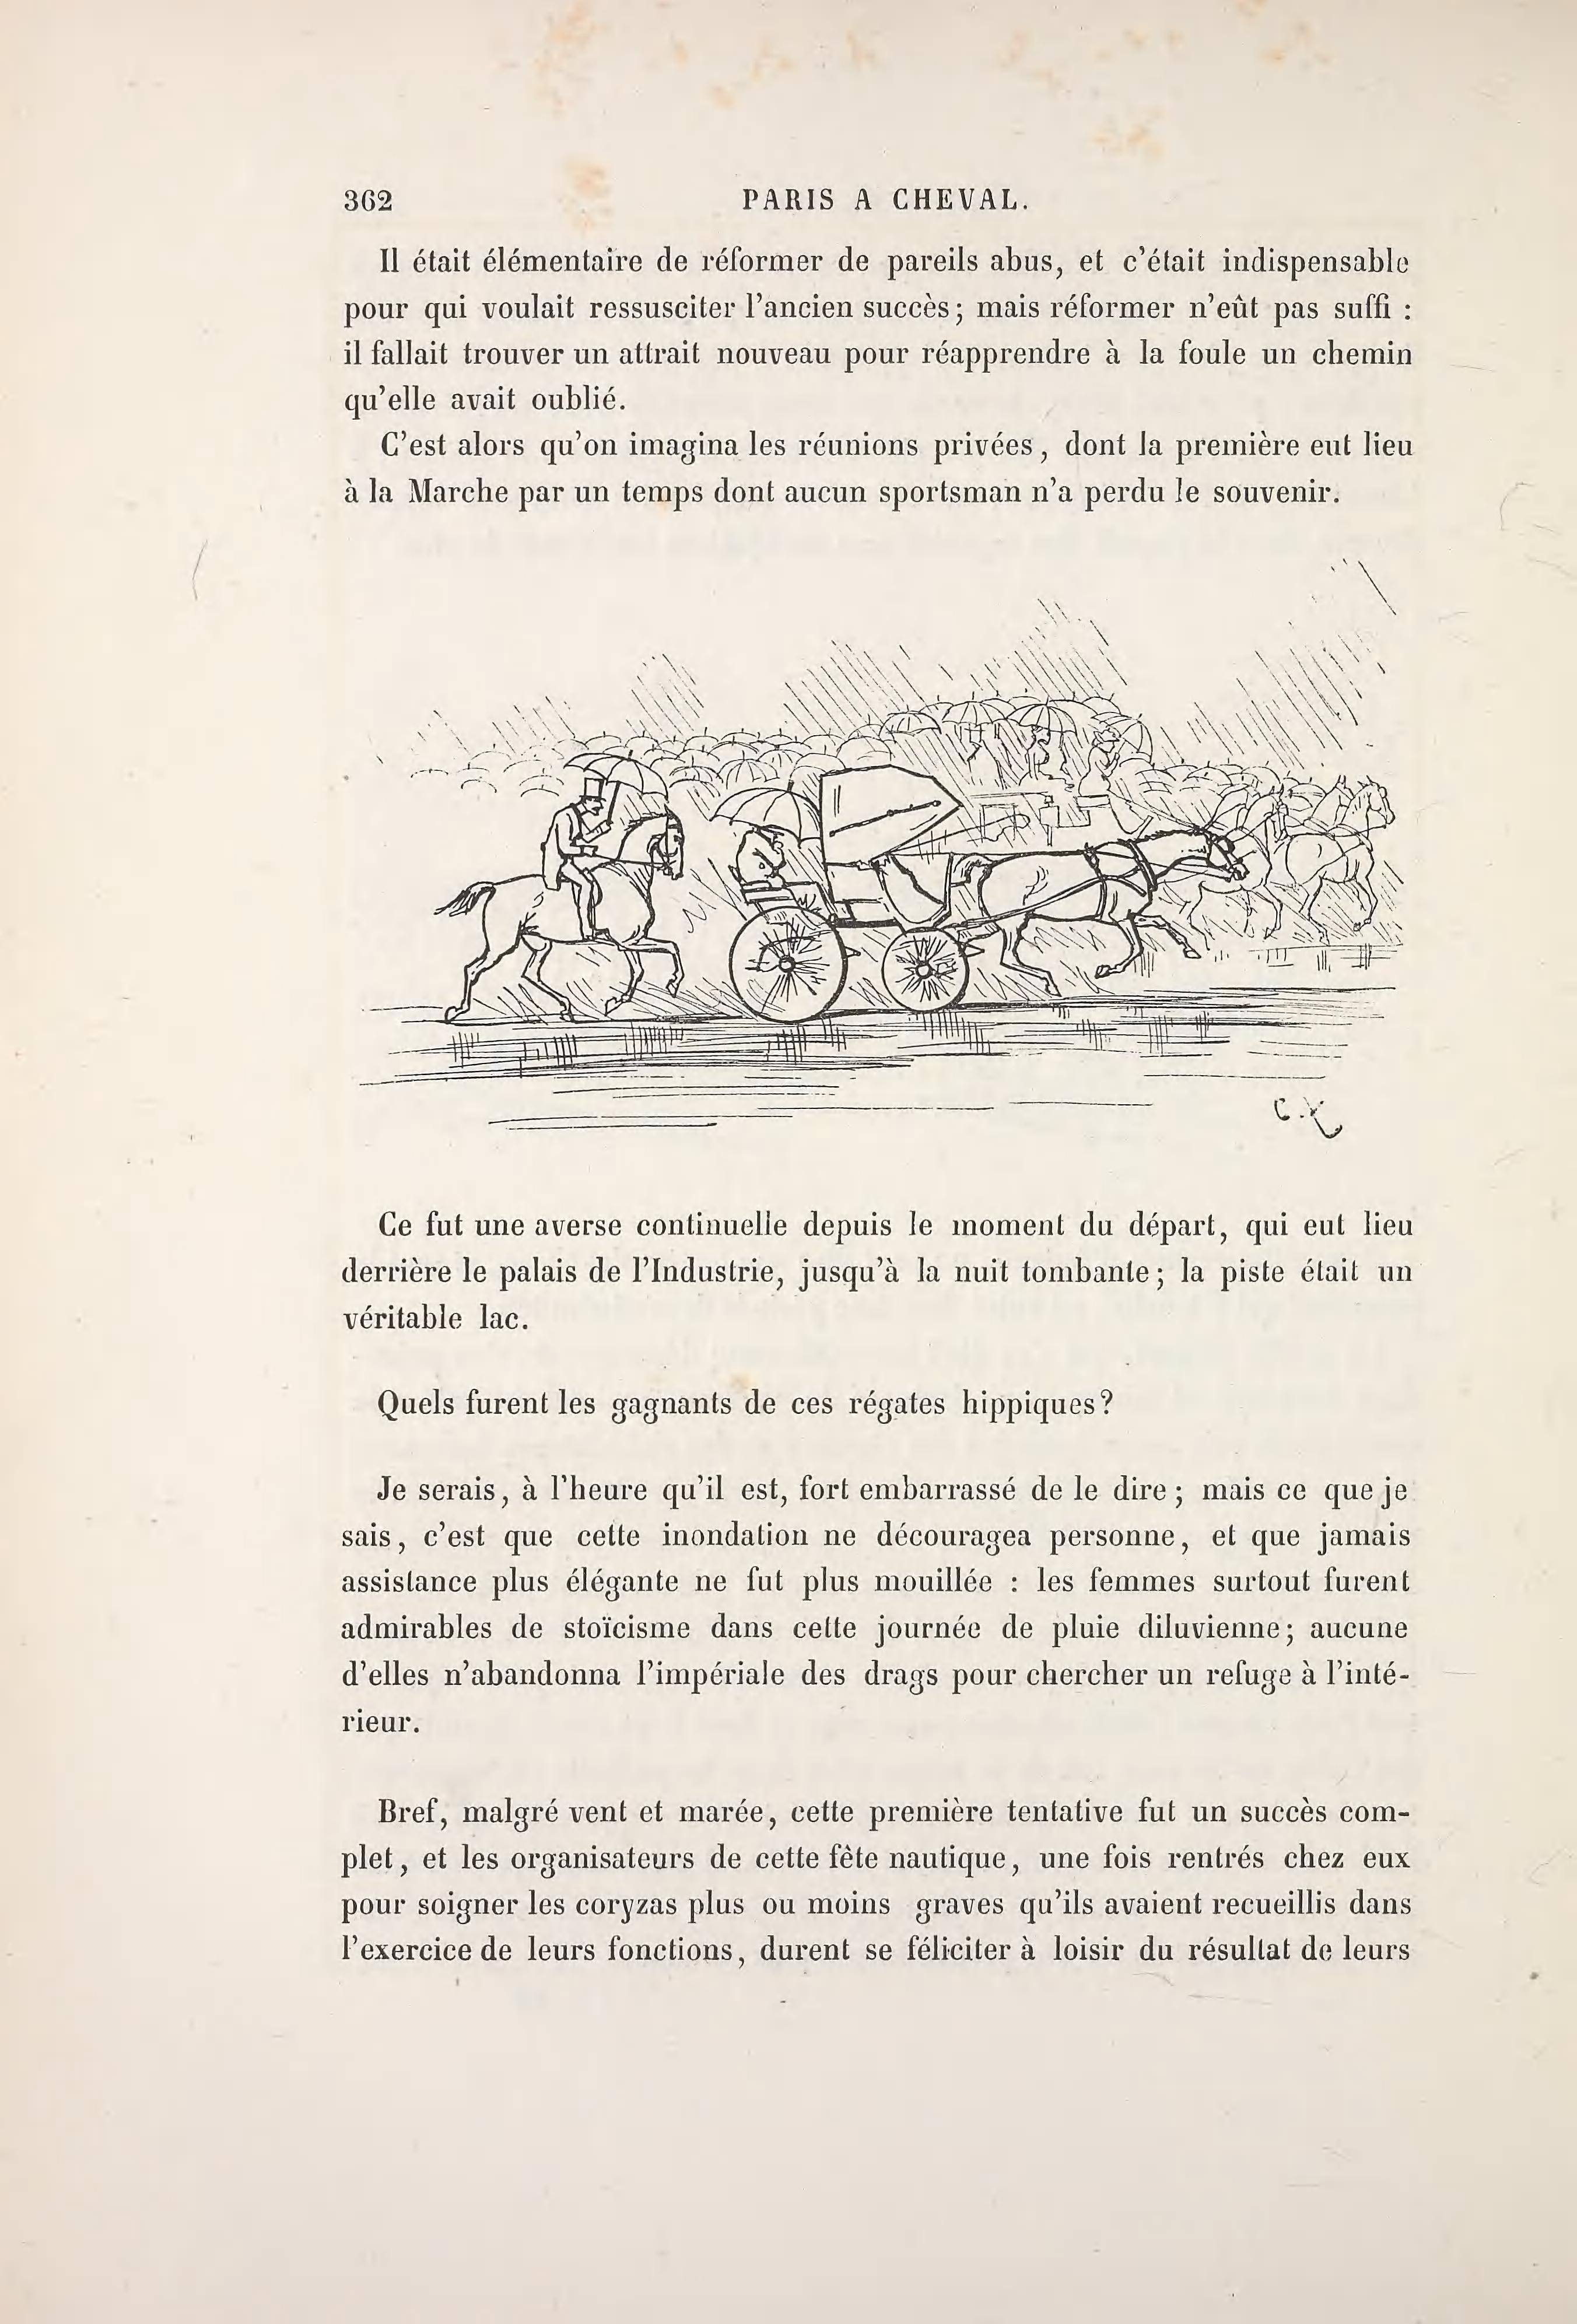 Www Un Temps Pour Elles Com file:paris à cheval (page 362) bhl43515674 - wikimedia